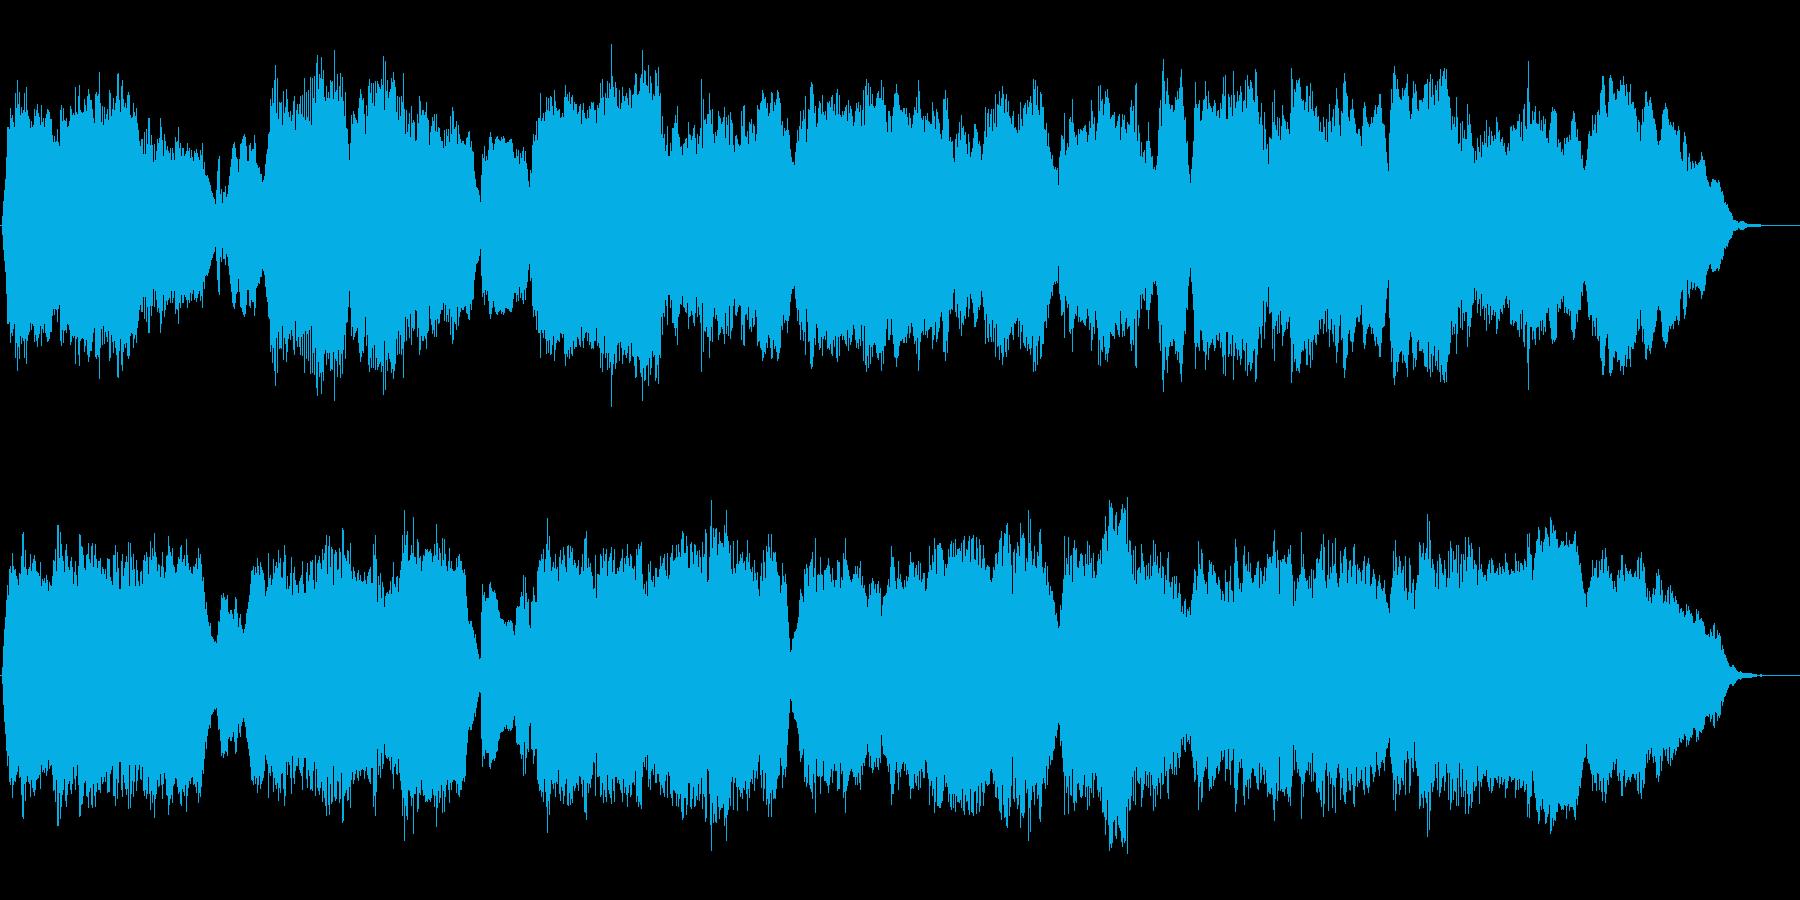 アルプスホルンによる山頂をイメージした曲の再生済みの波形